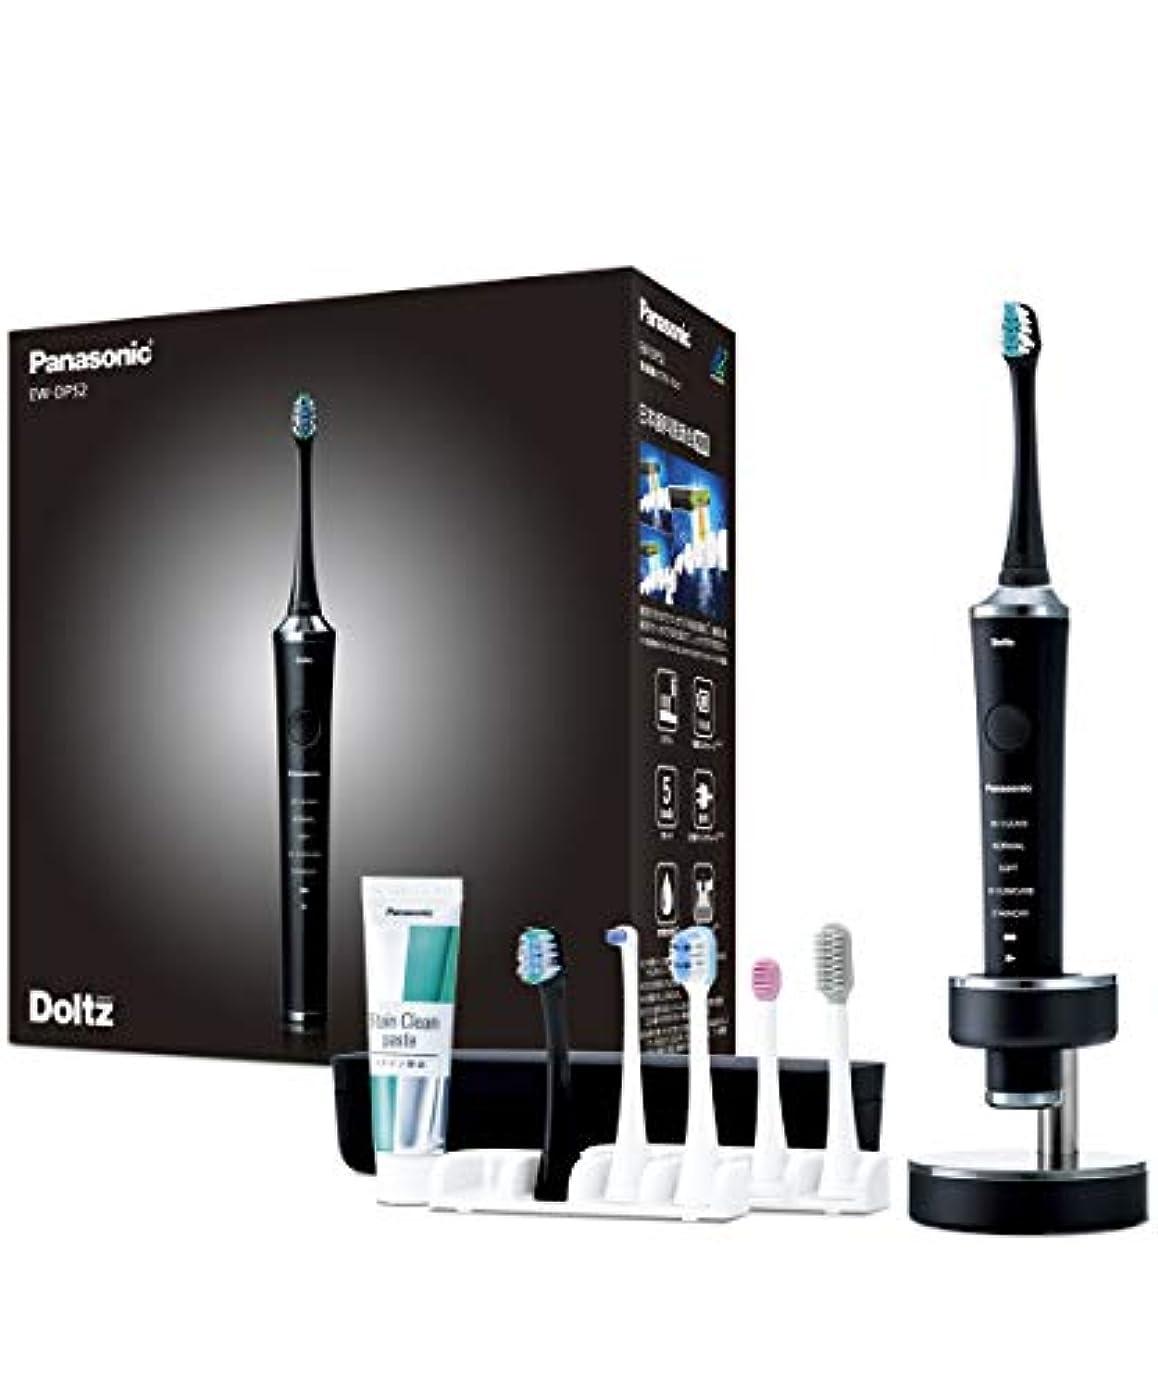 カスケードだらしない自分のためにパナソニック 電動歯ブラシ ドルツ 黒 EW-DP52-K